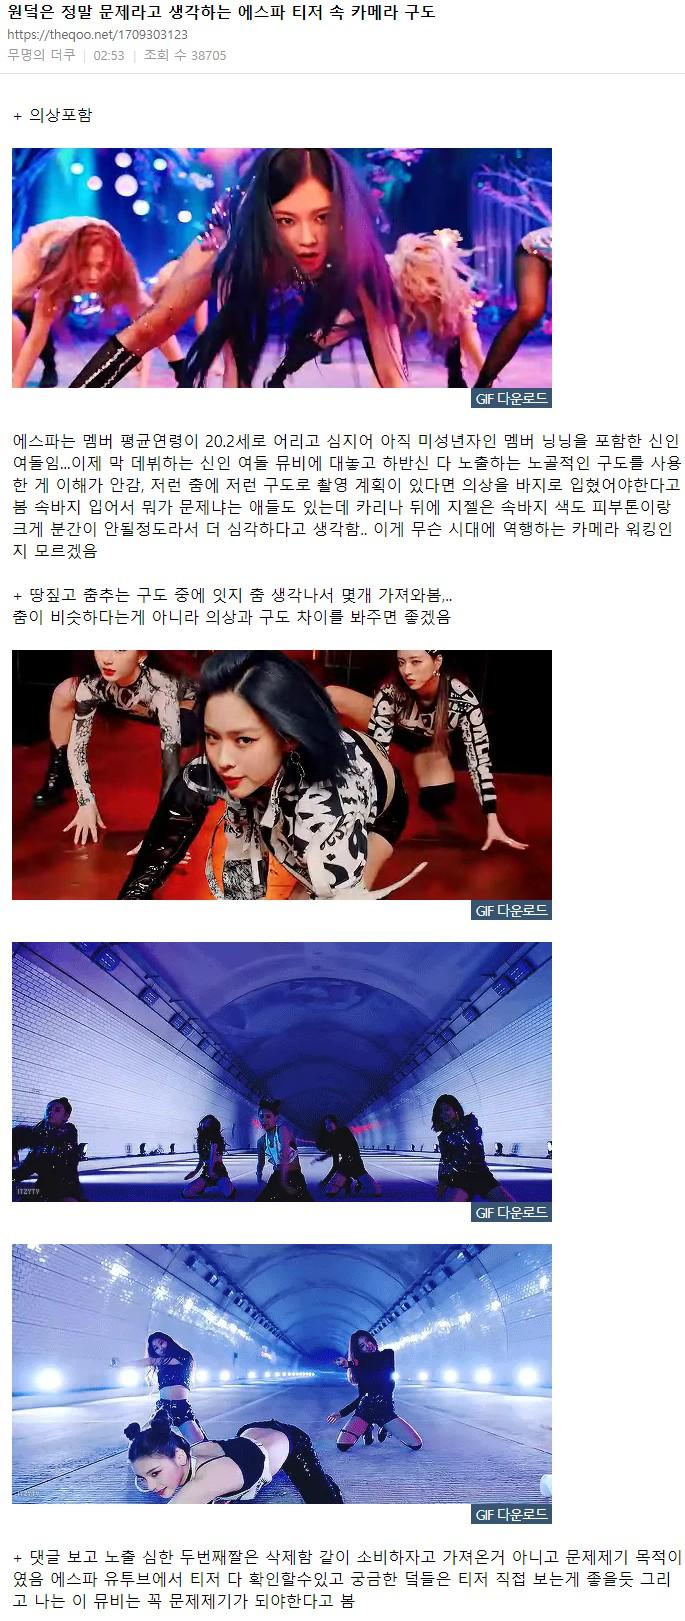 여초에서 난리난 SM 신인 걸그룹 에스파 카메라 구도